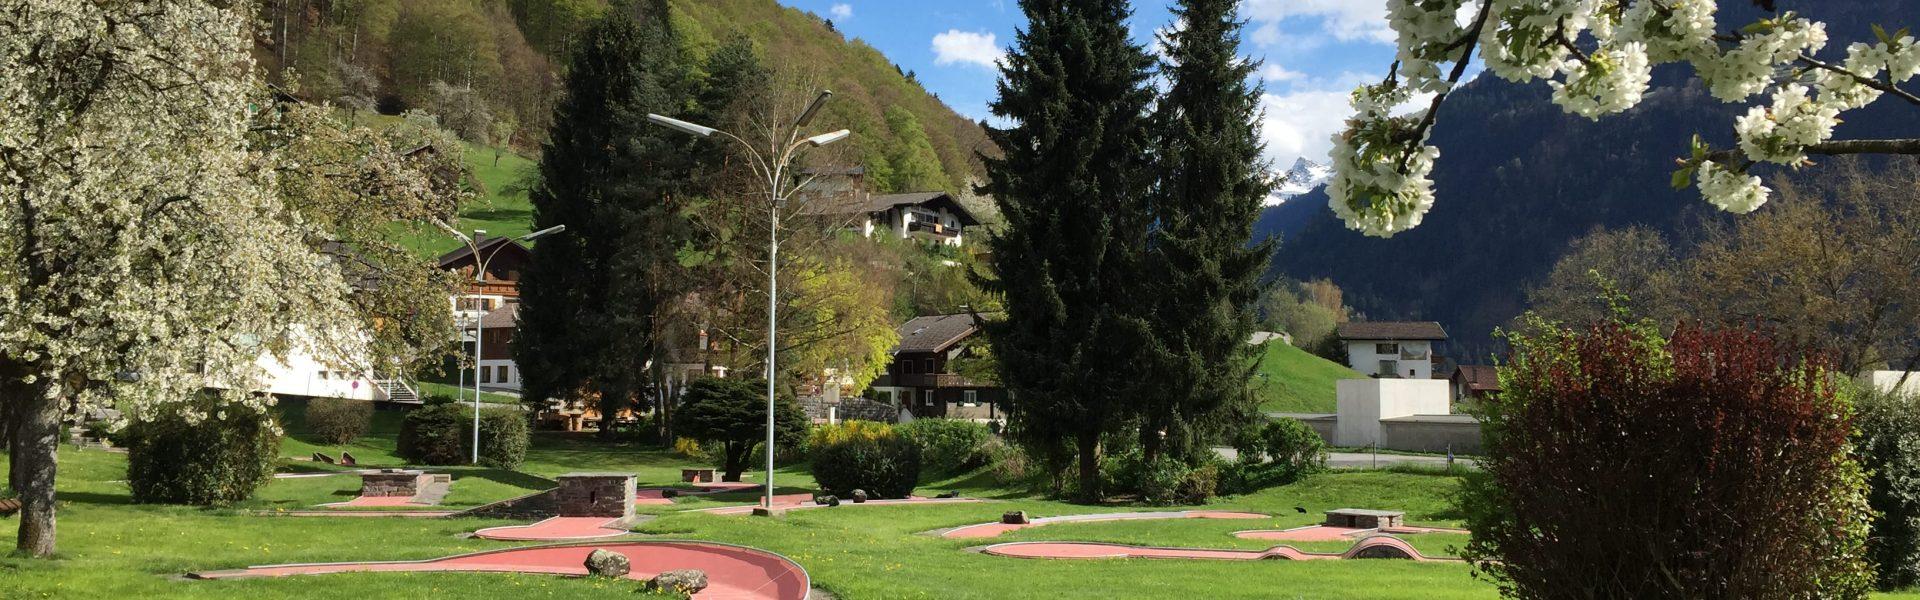 Minigolfplatz Schruns